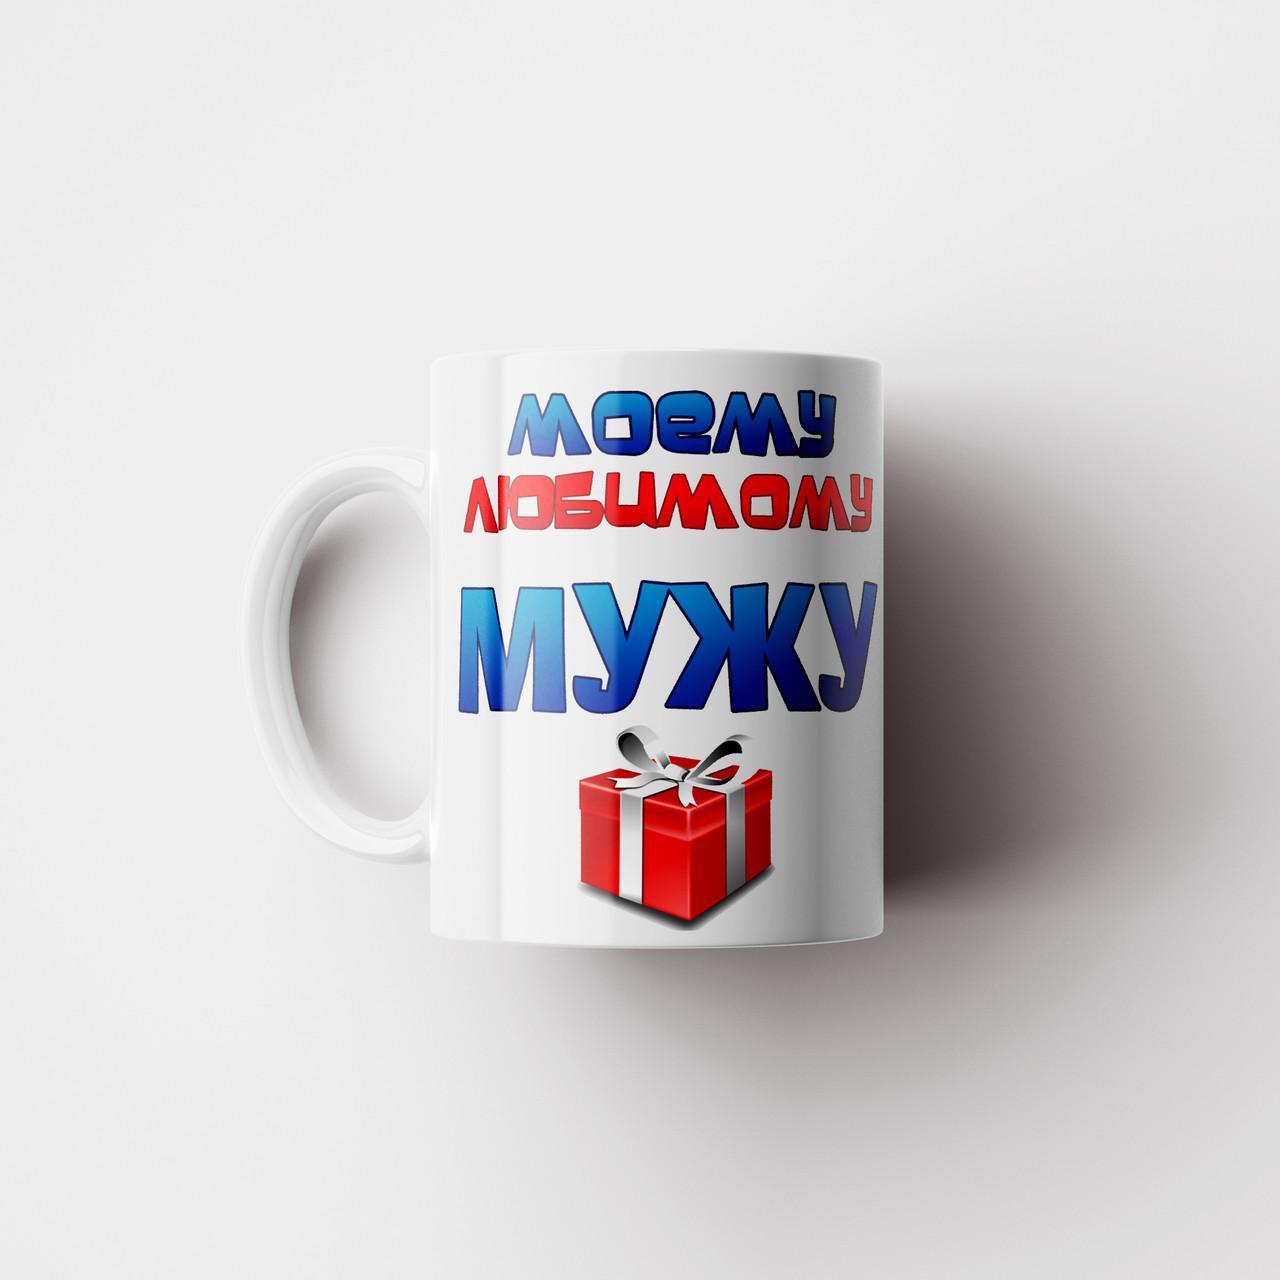 Чашка подарунок чоловікові. Чашка з принтом коханому чоловікові. Чашка з фото